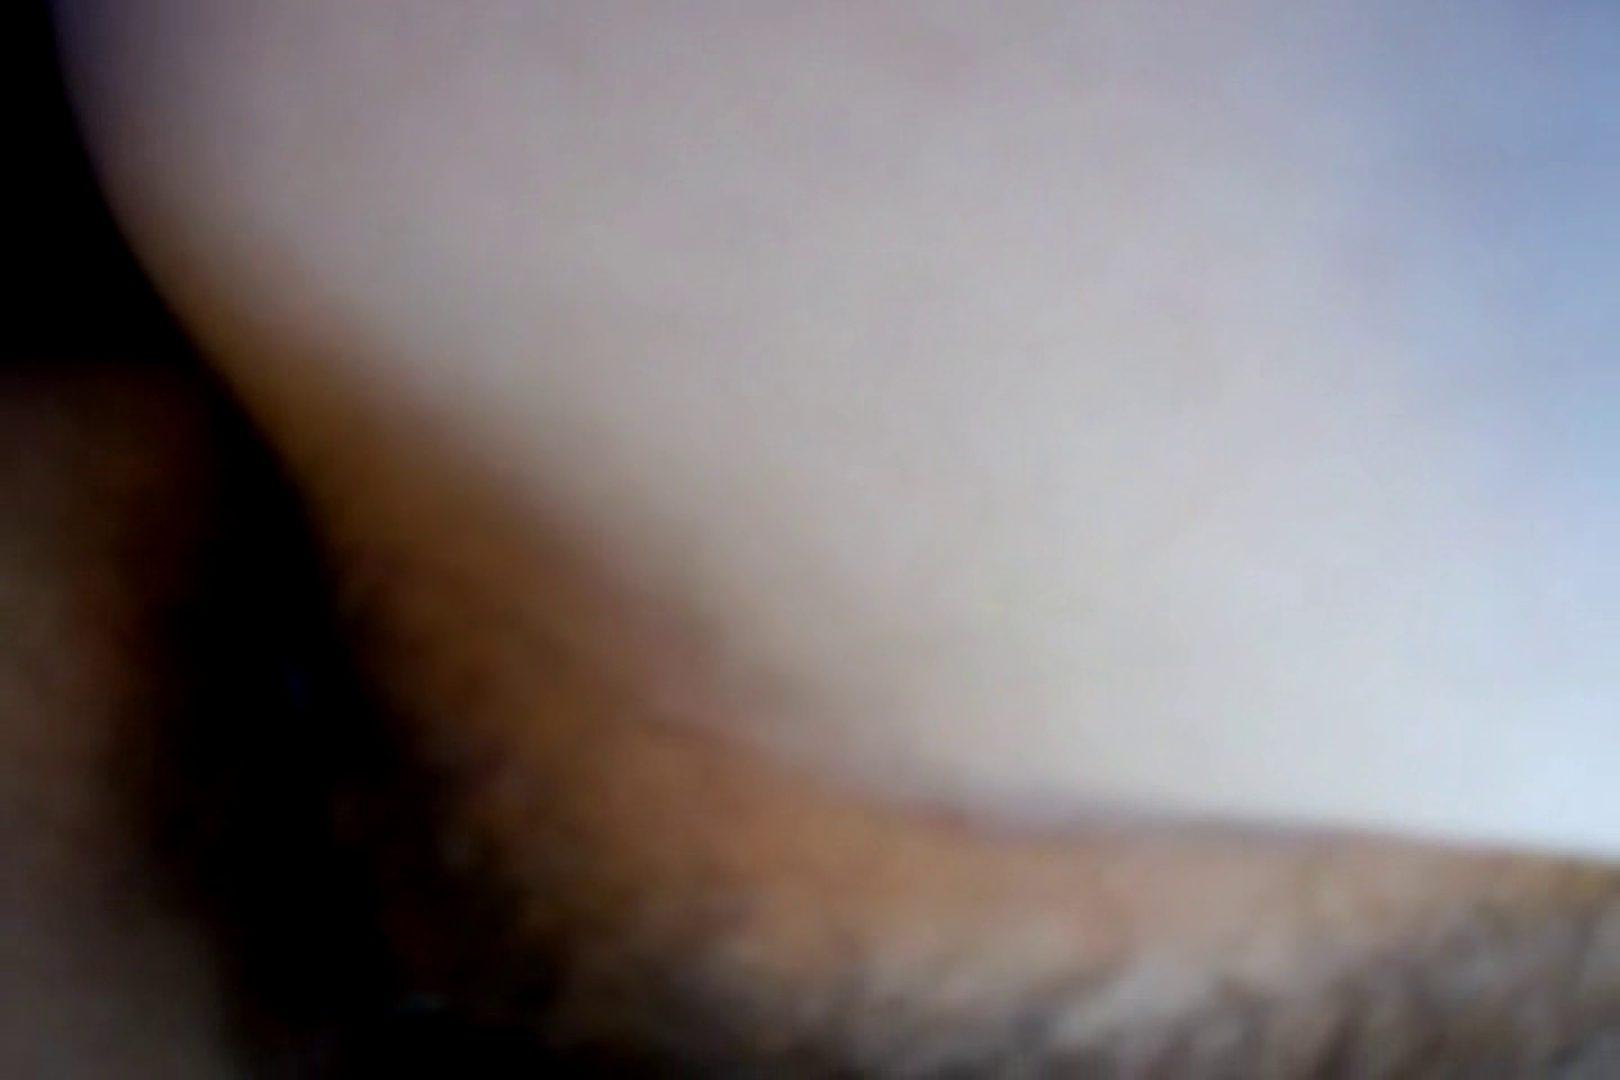 ウイルス流出 レオ&マンコのアルバム プライベート映像 盗み撮り動画 105pic 13